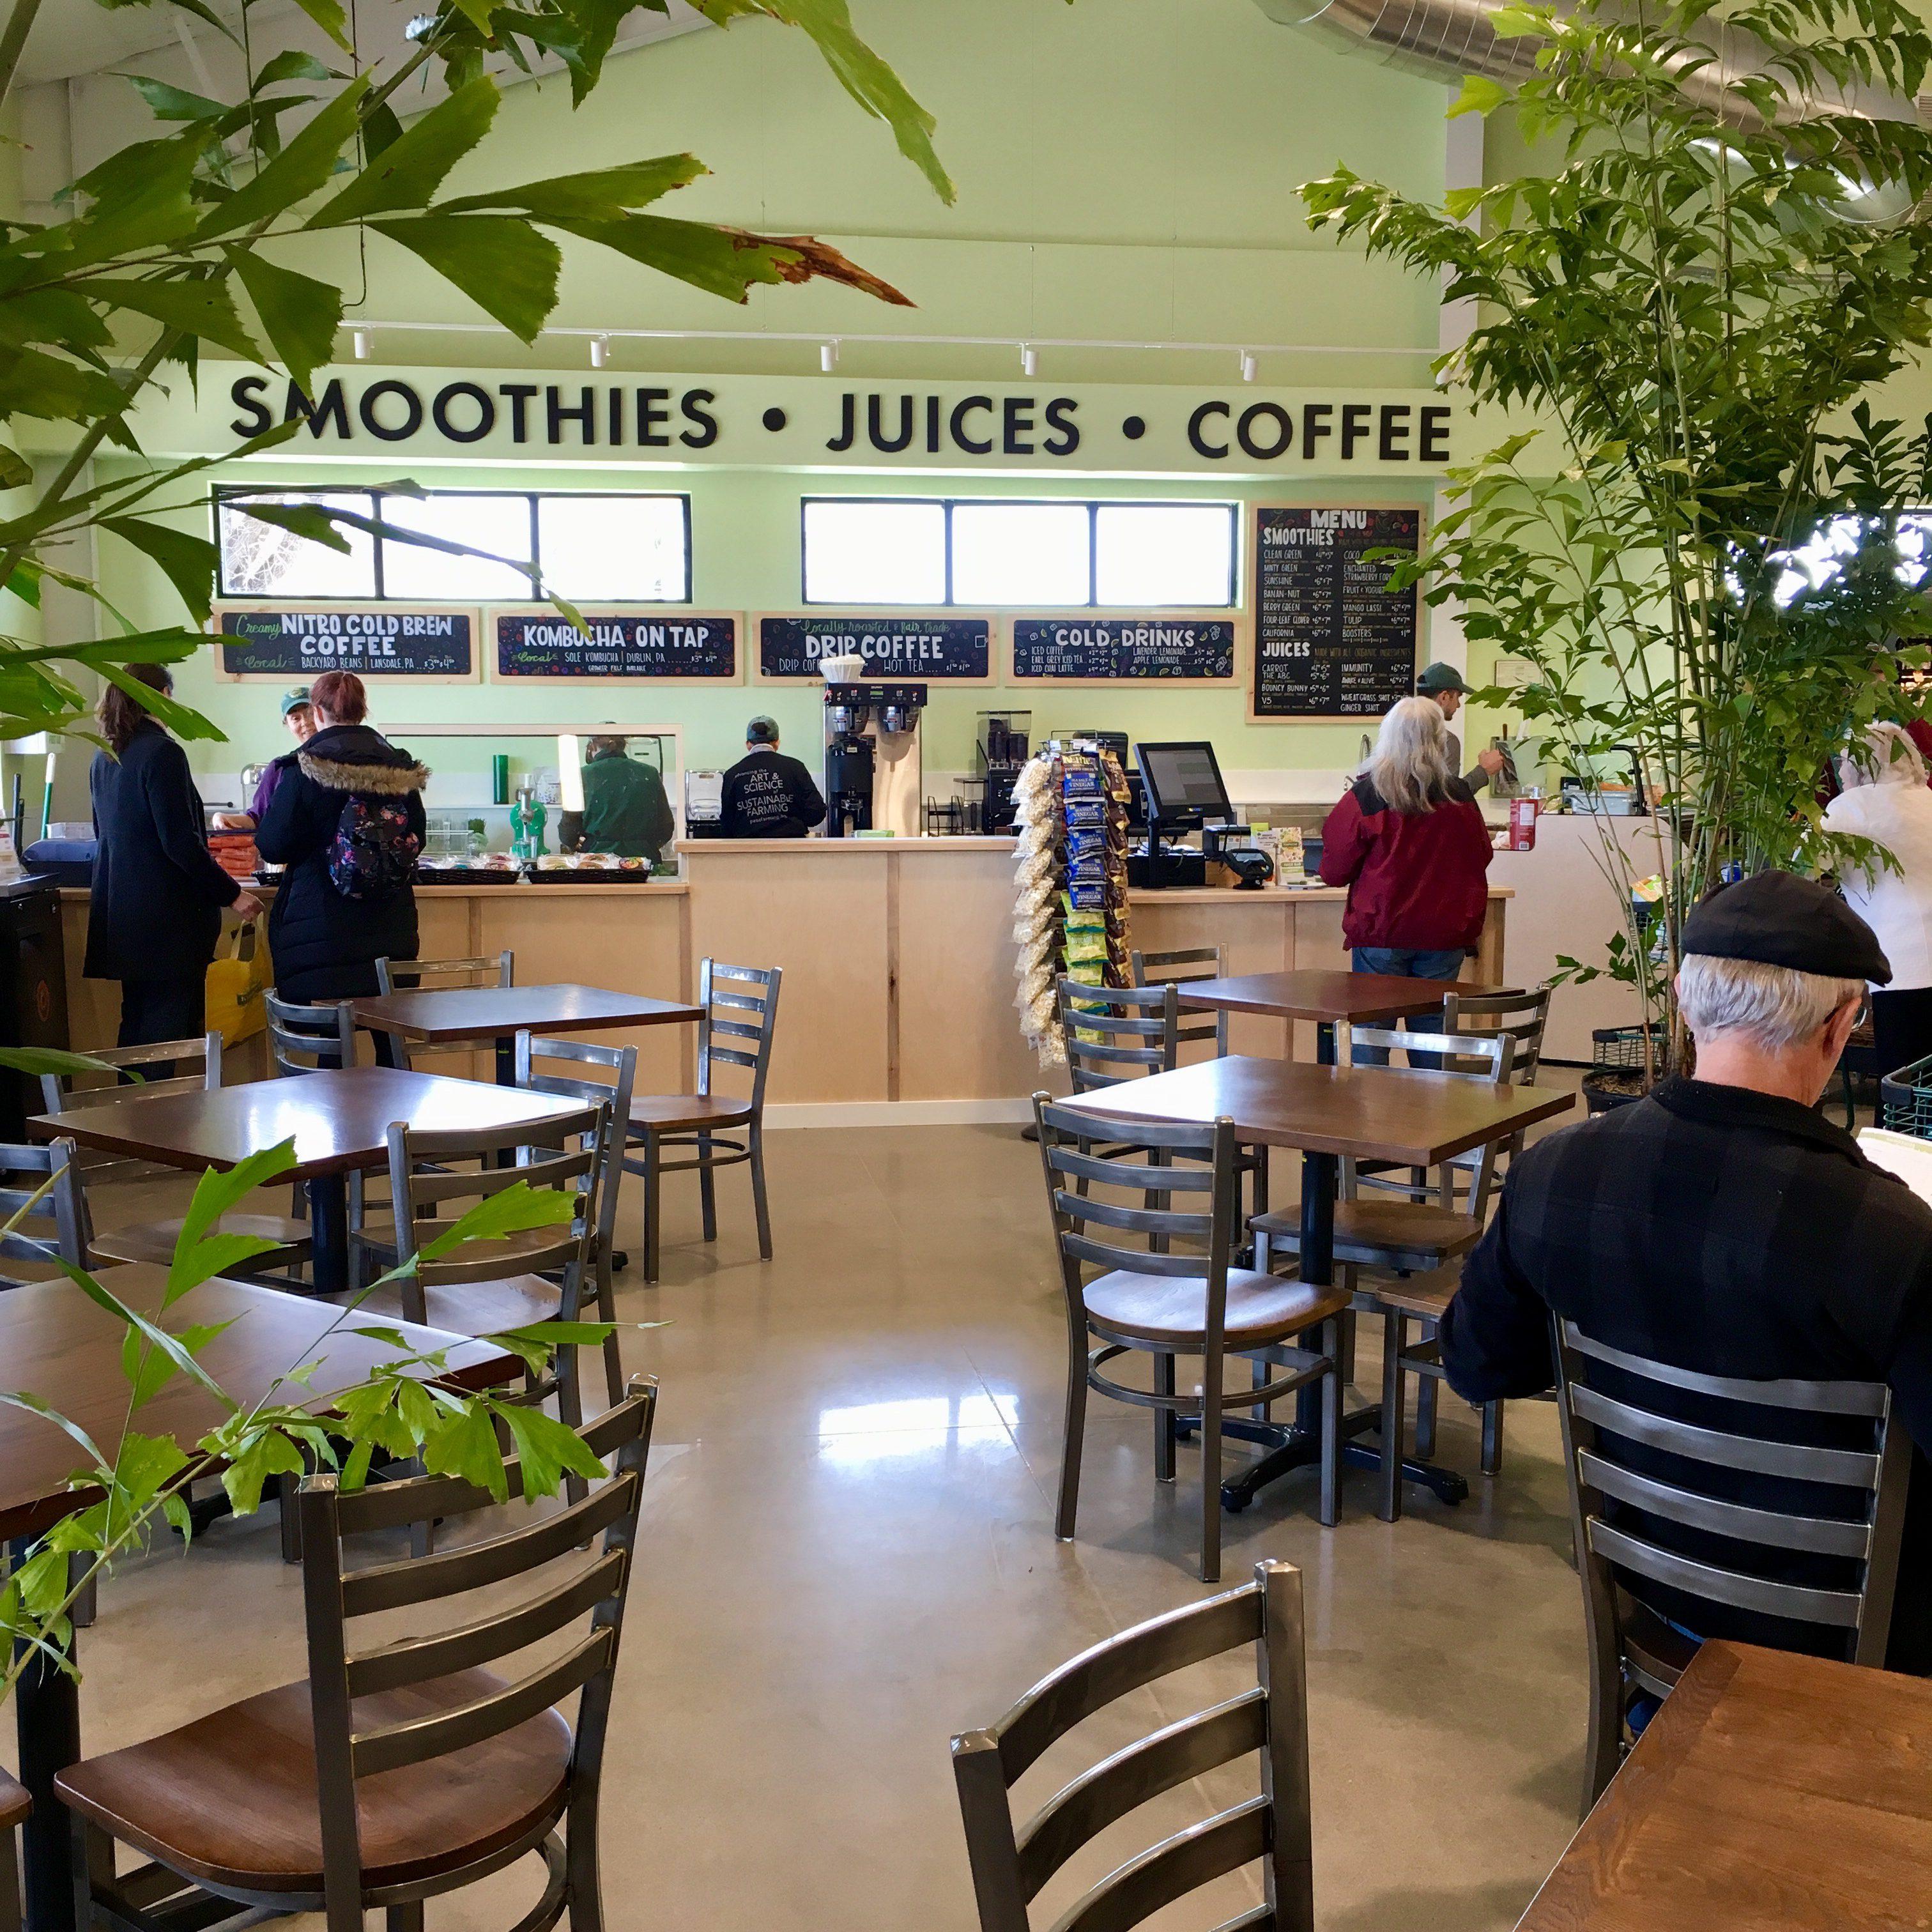 Ottsville Kimberton Whole Foods